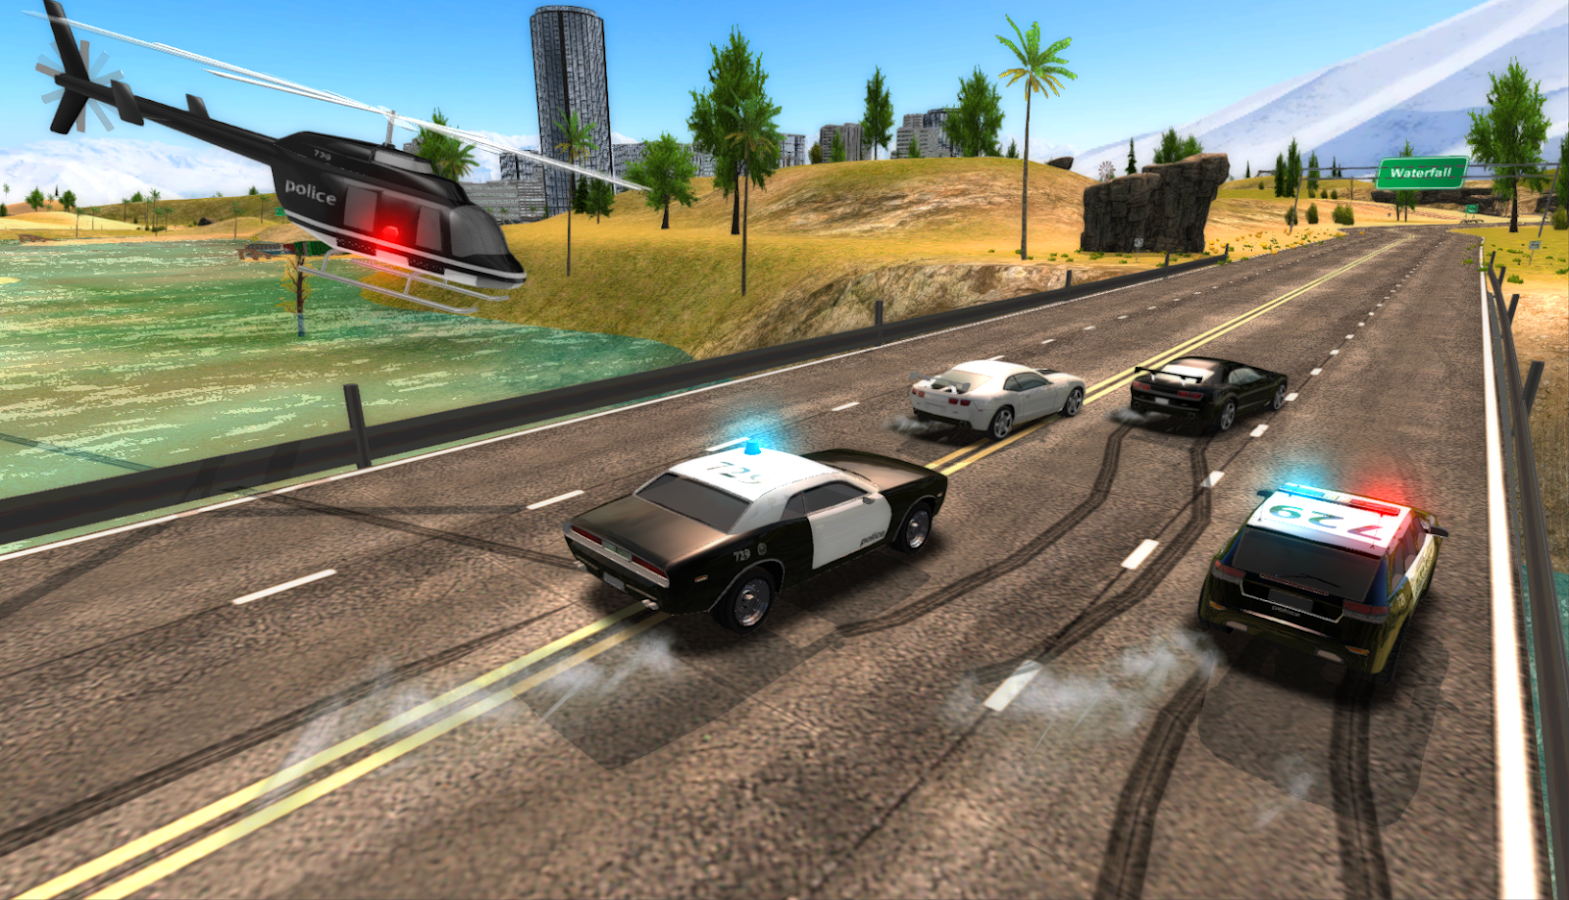 Verbrechen-Stadt-Polizei-Auto-Fahrer android spiele download